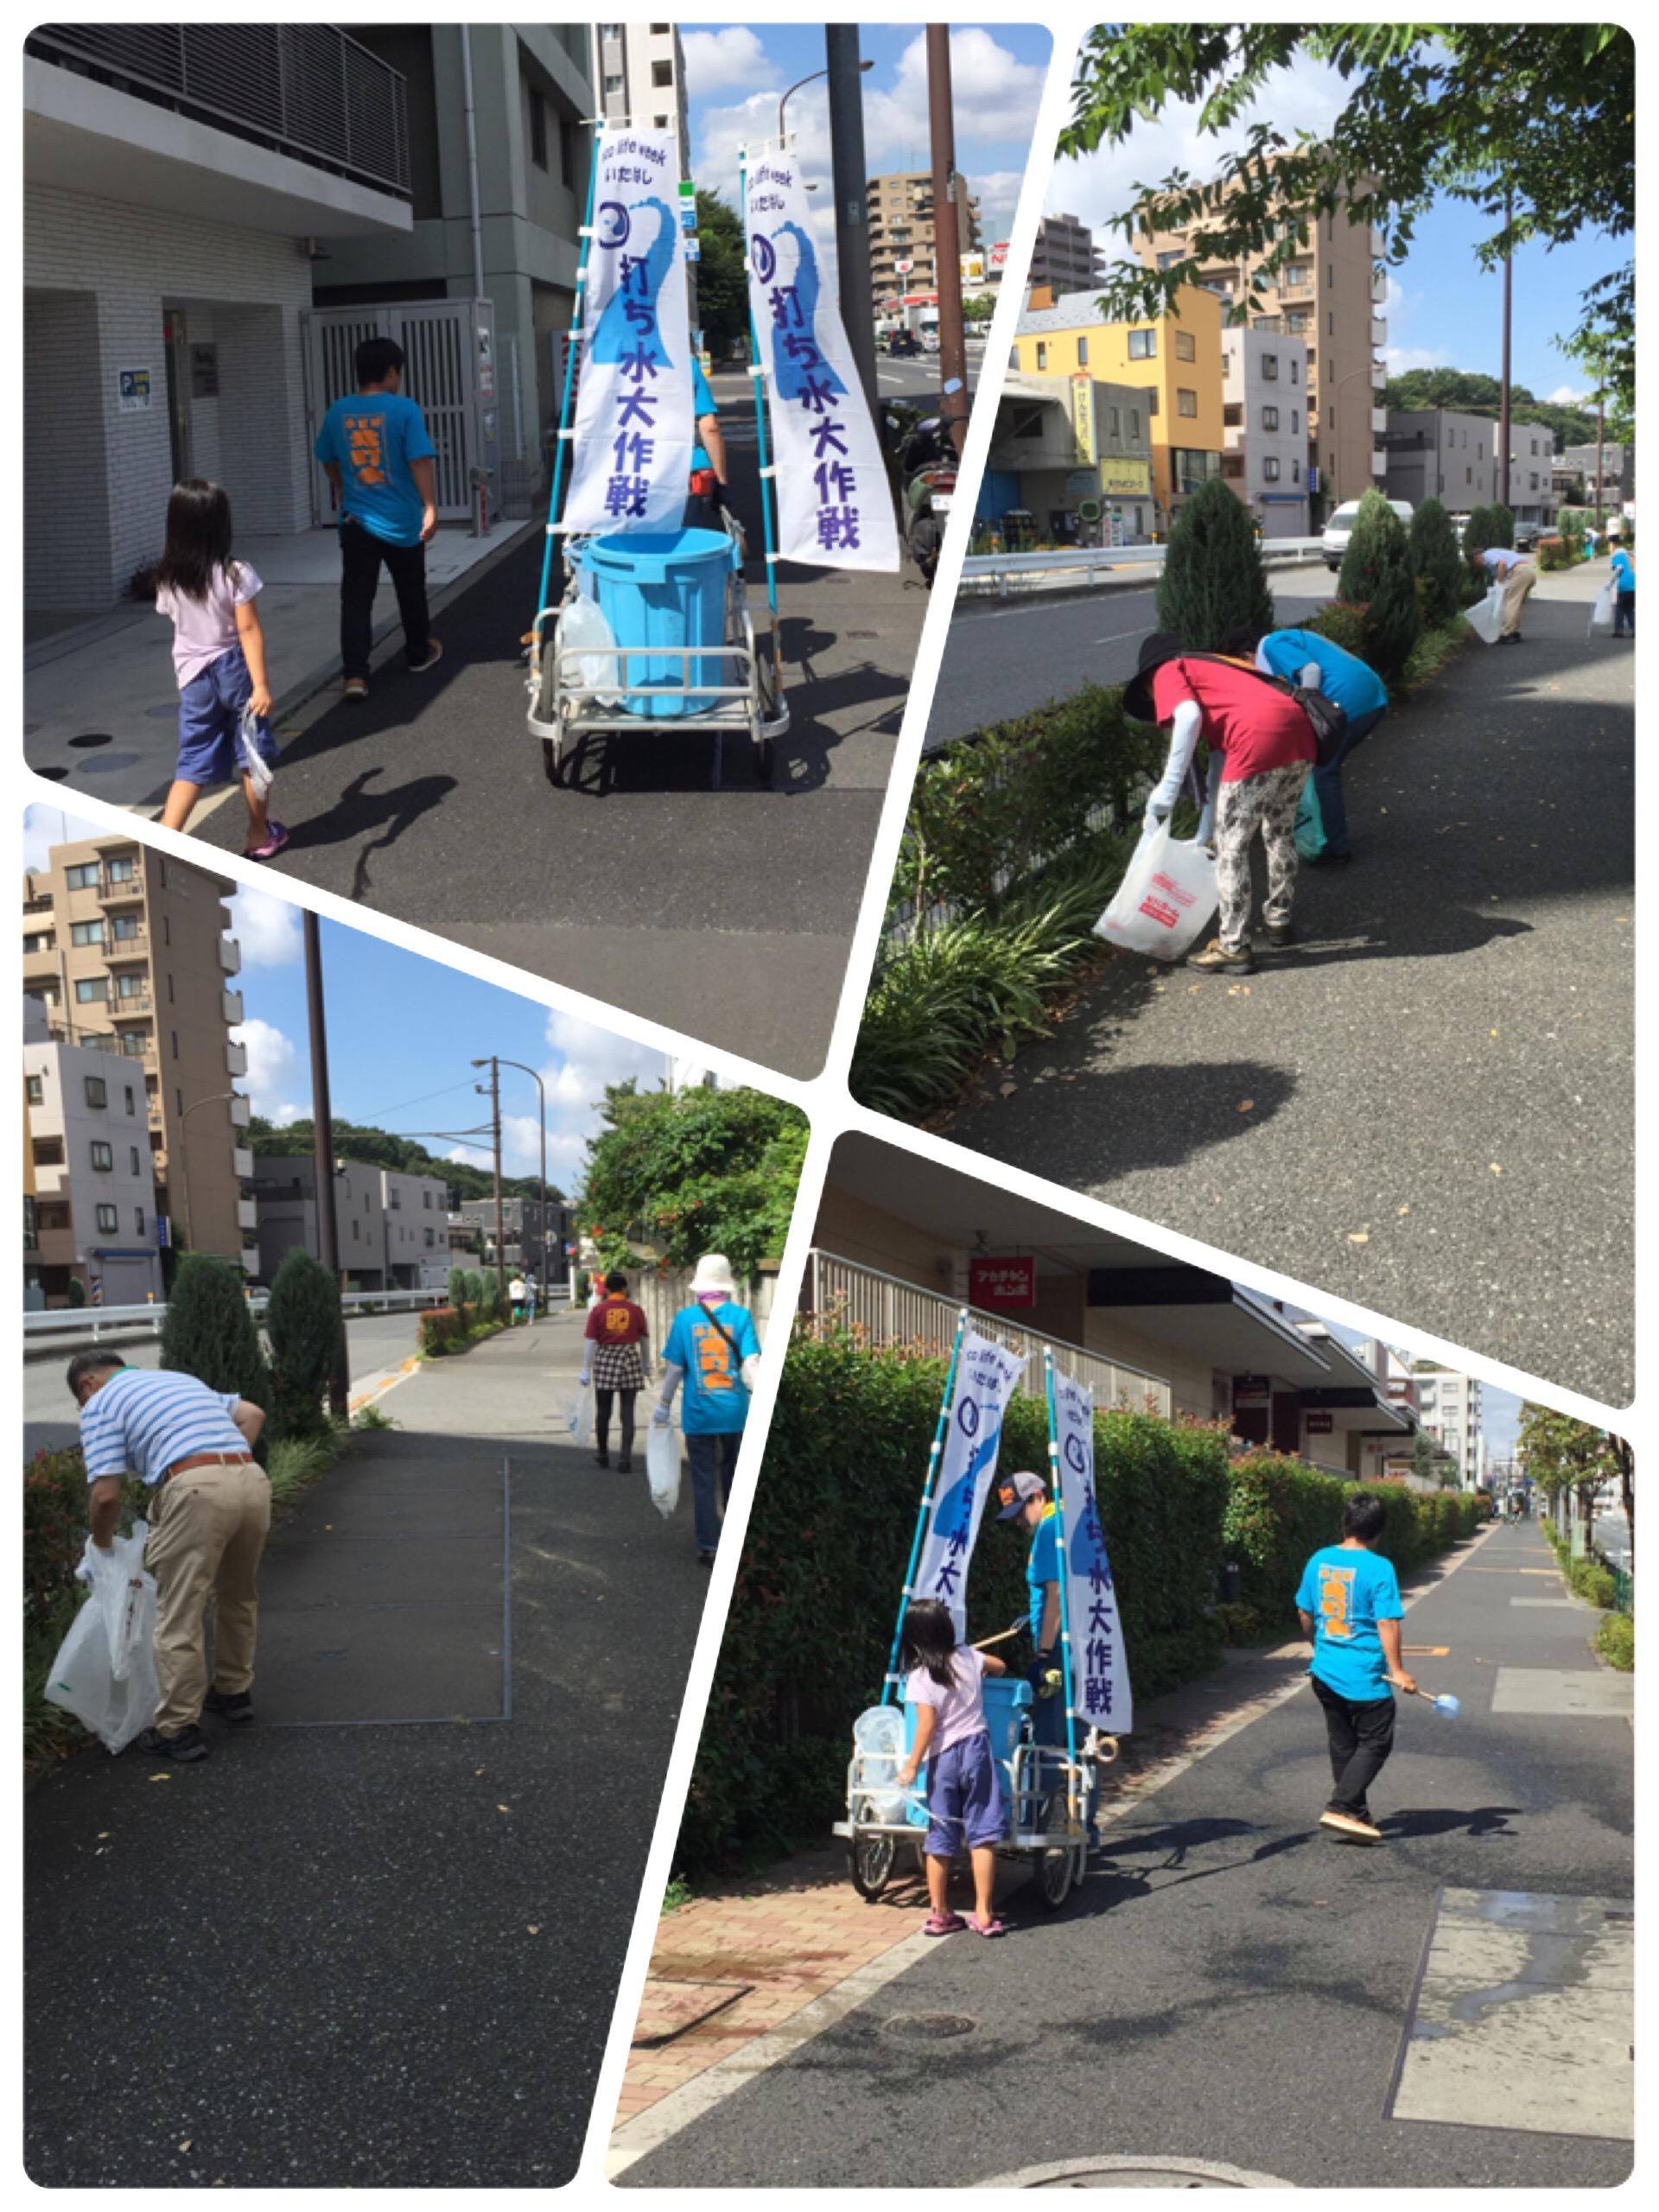 2016年8月7日(日)町内クリーン活動&打ち水